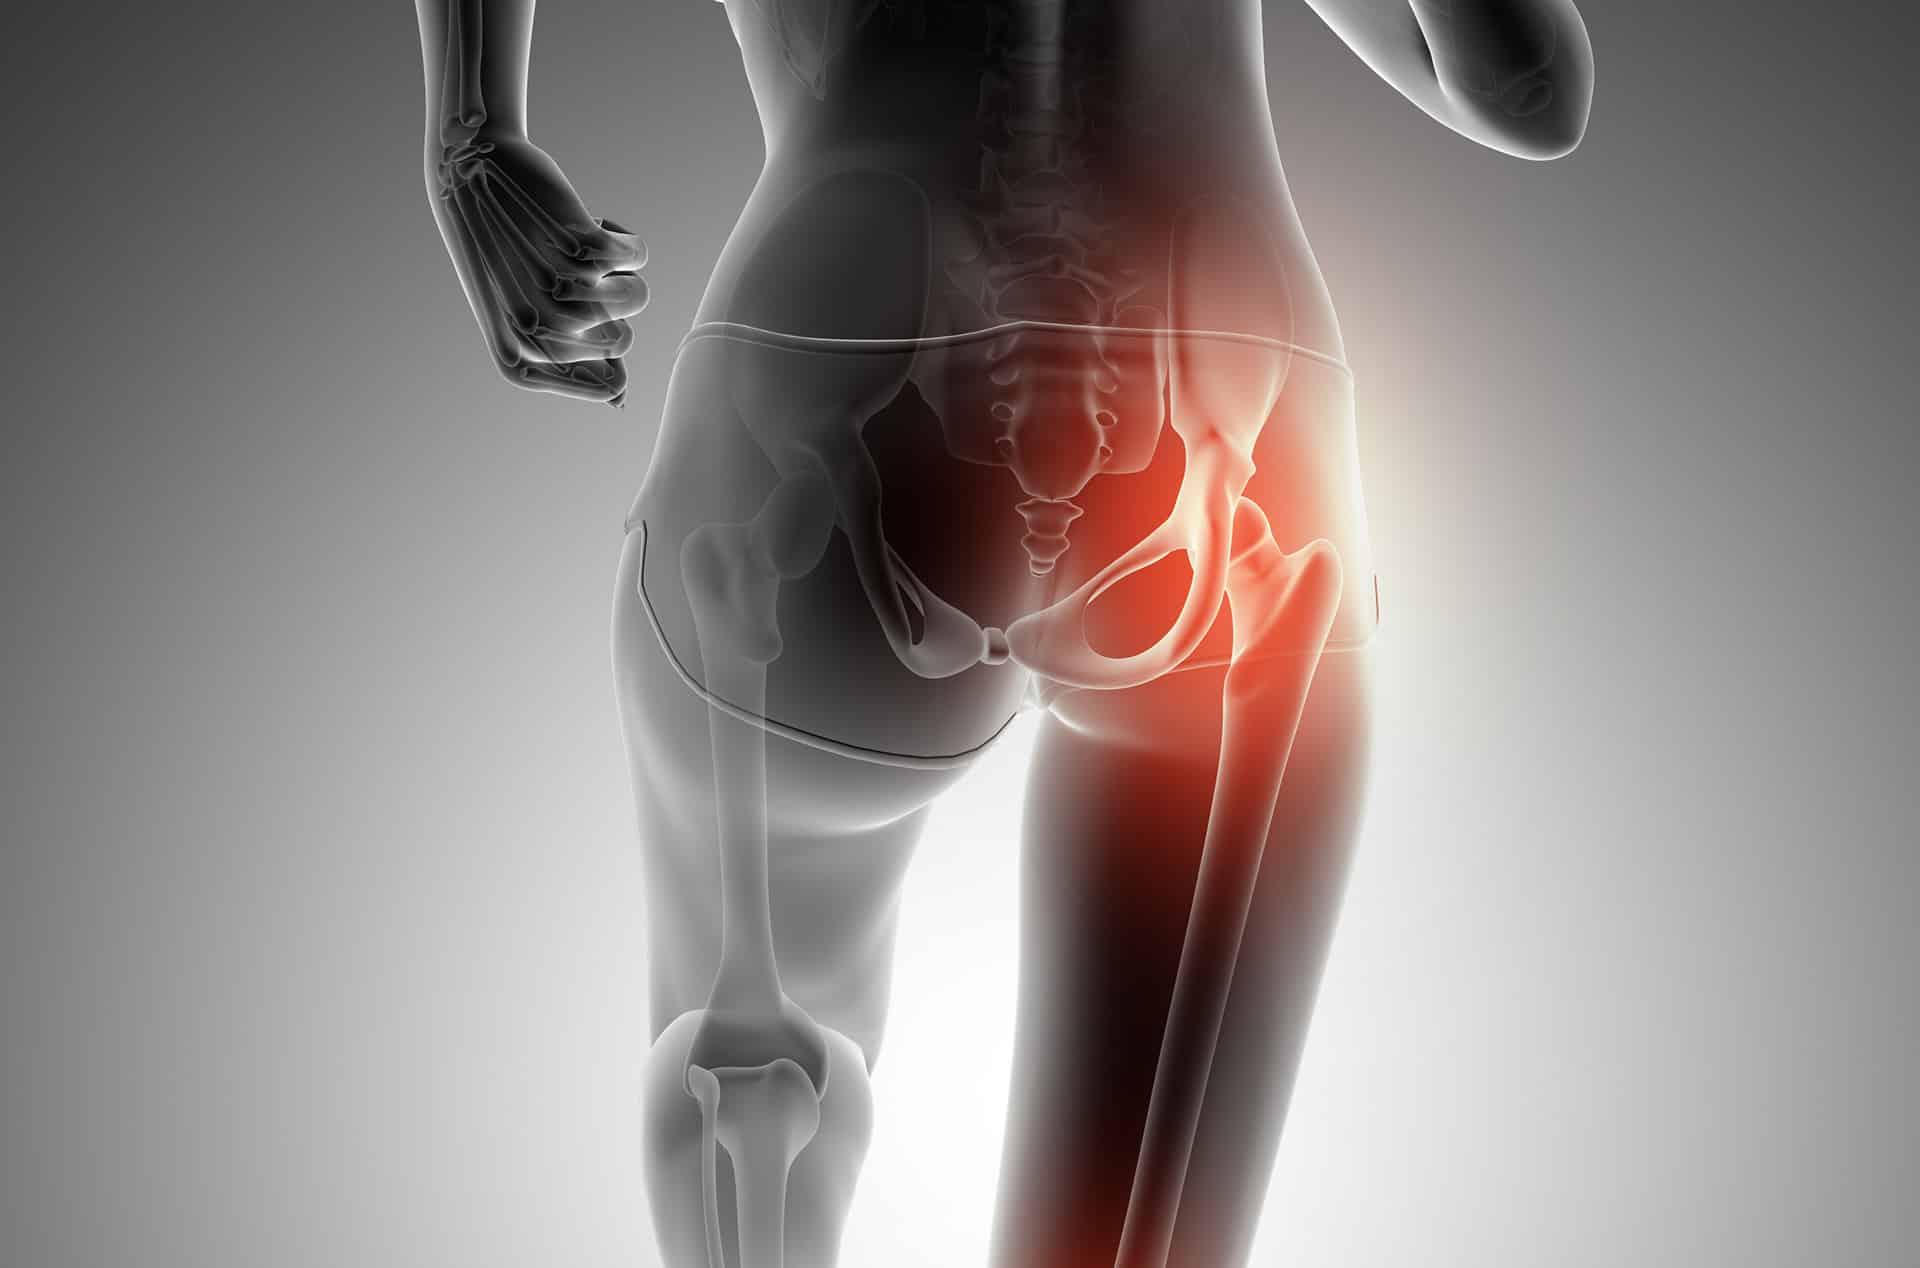 lesión en la cadera puede causar dolor en la ingle